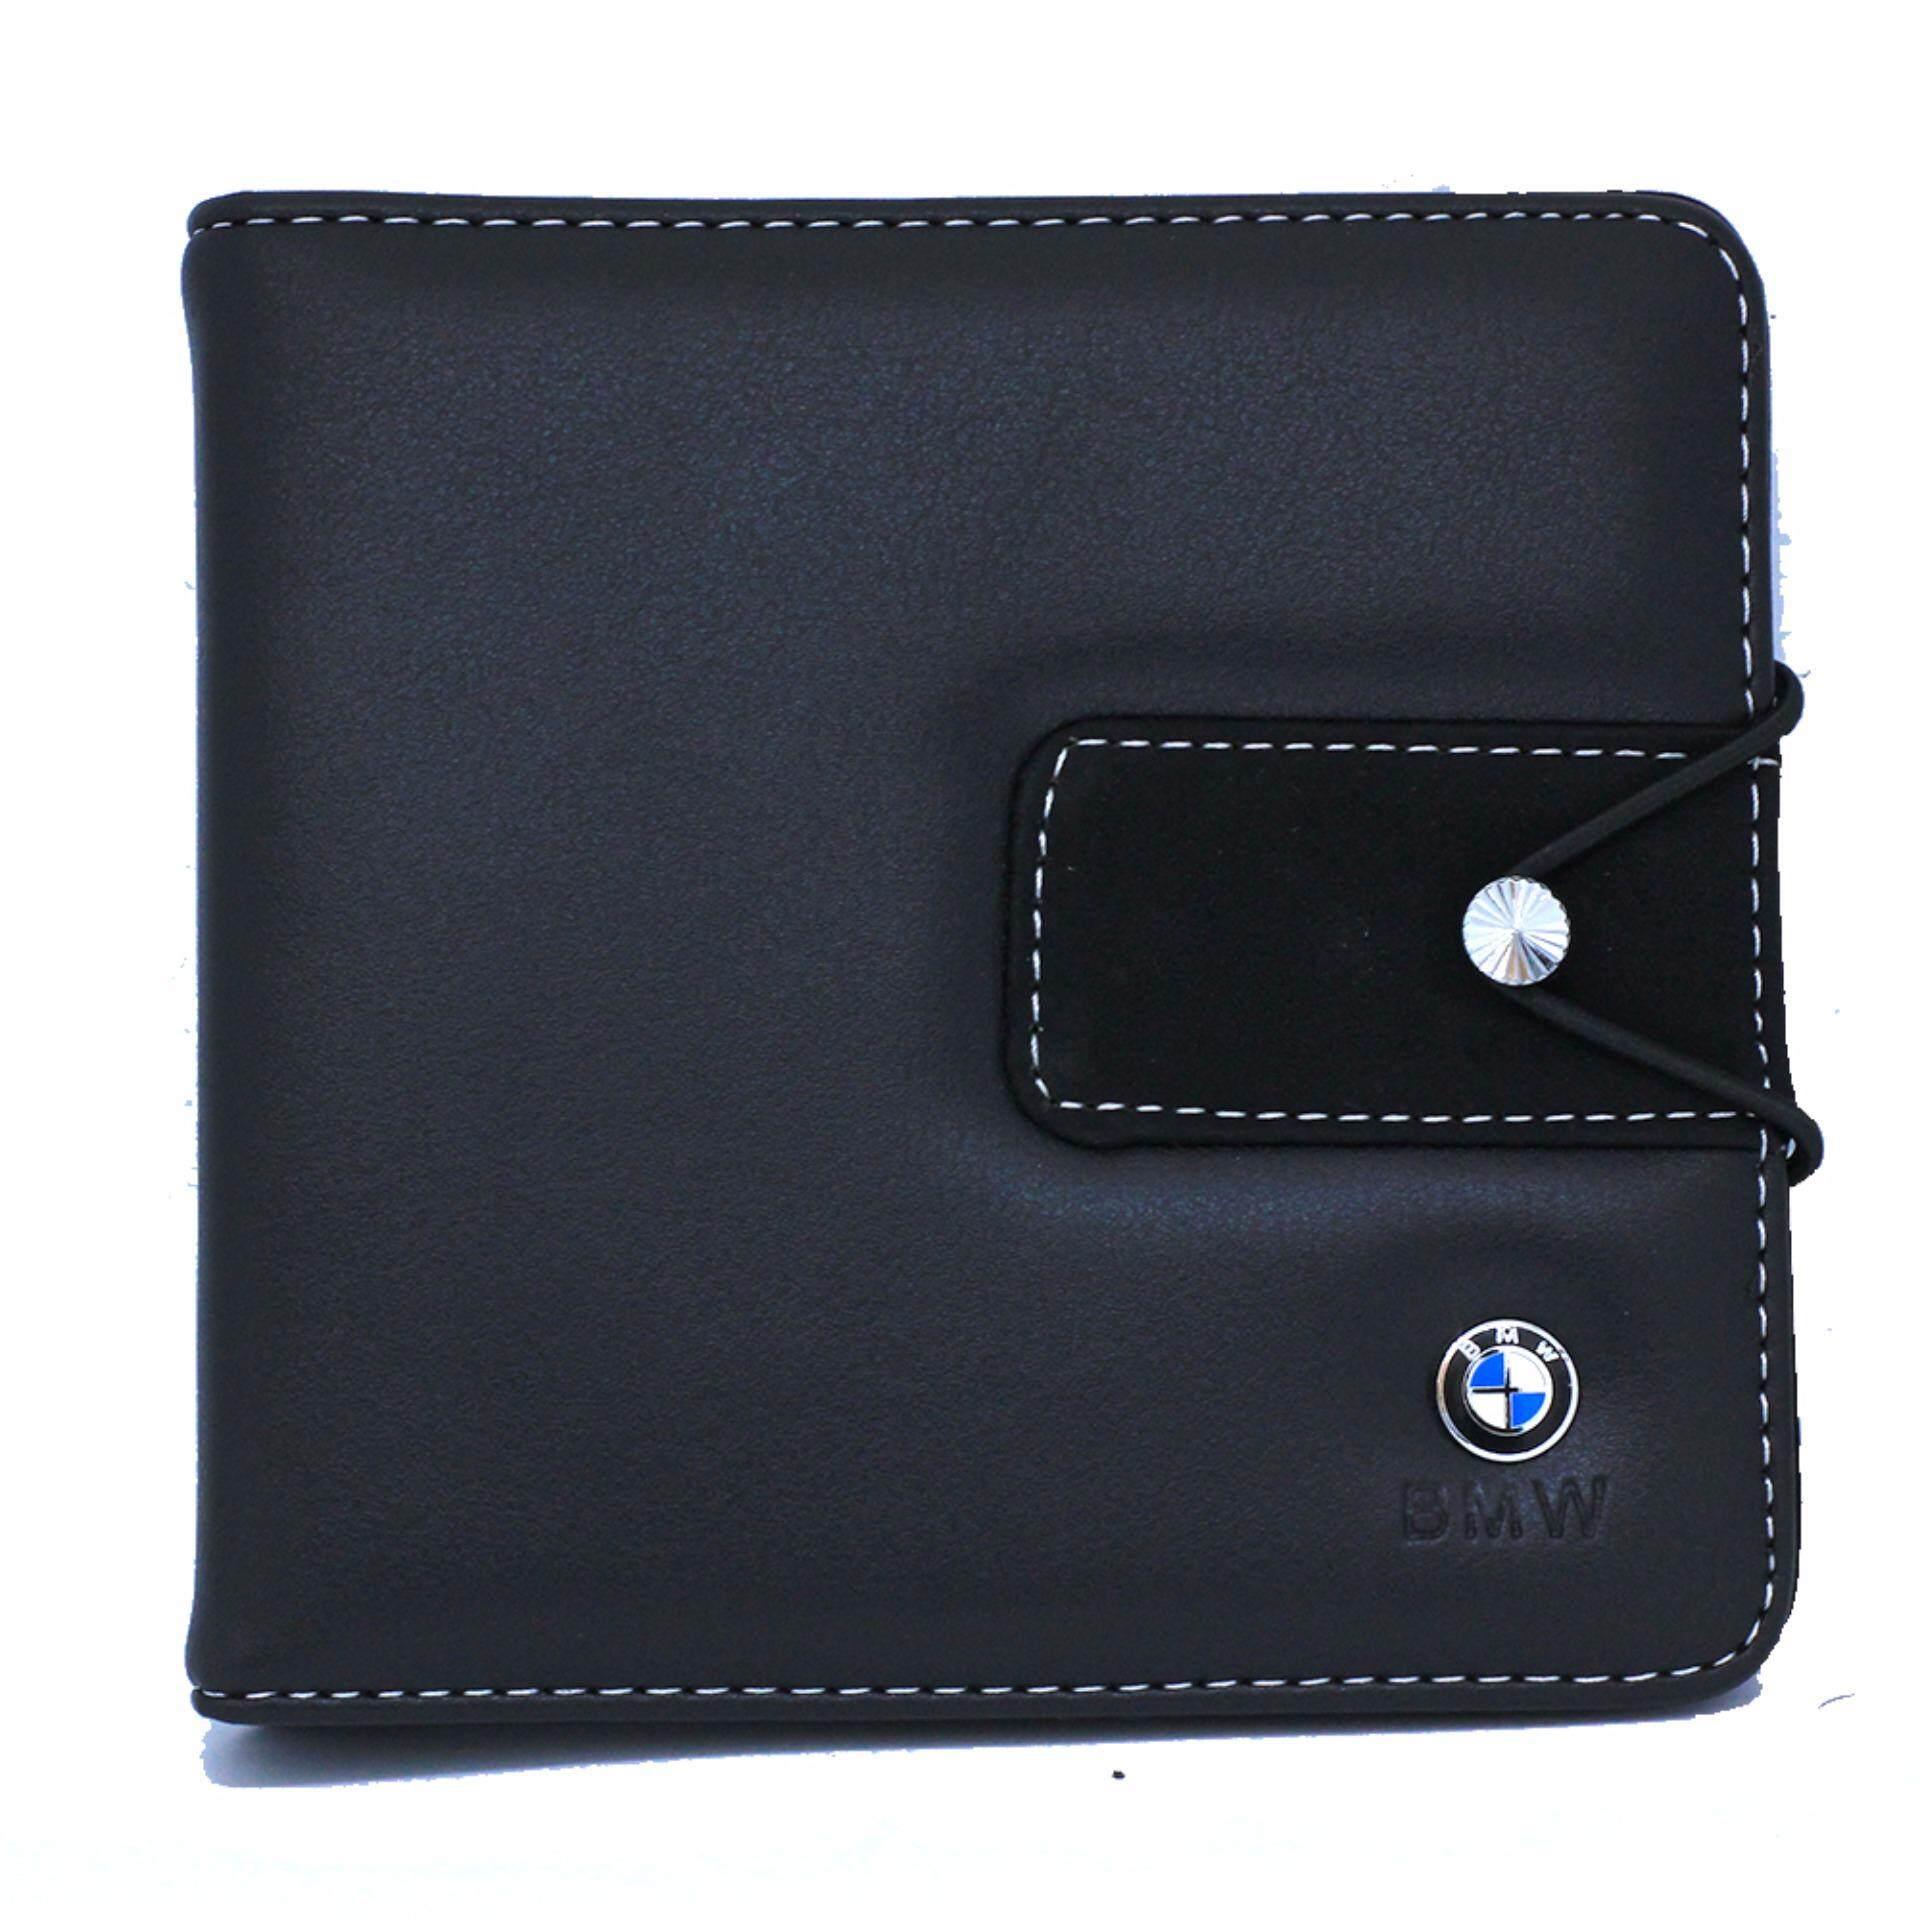 BMW Premium Leather CD Holder Case Square